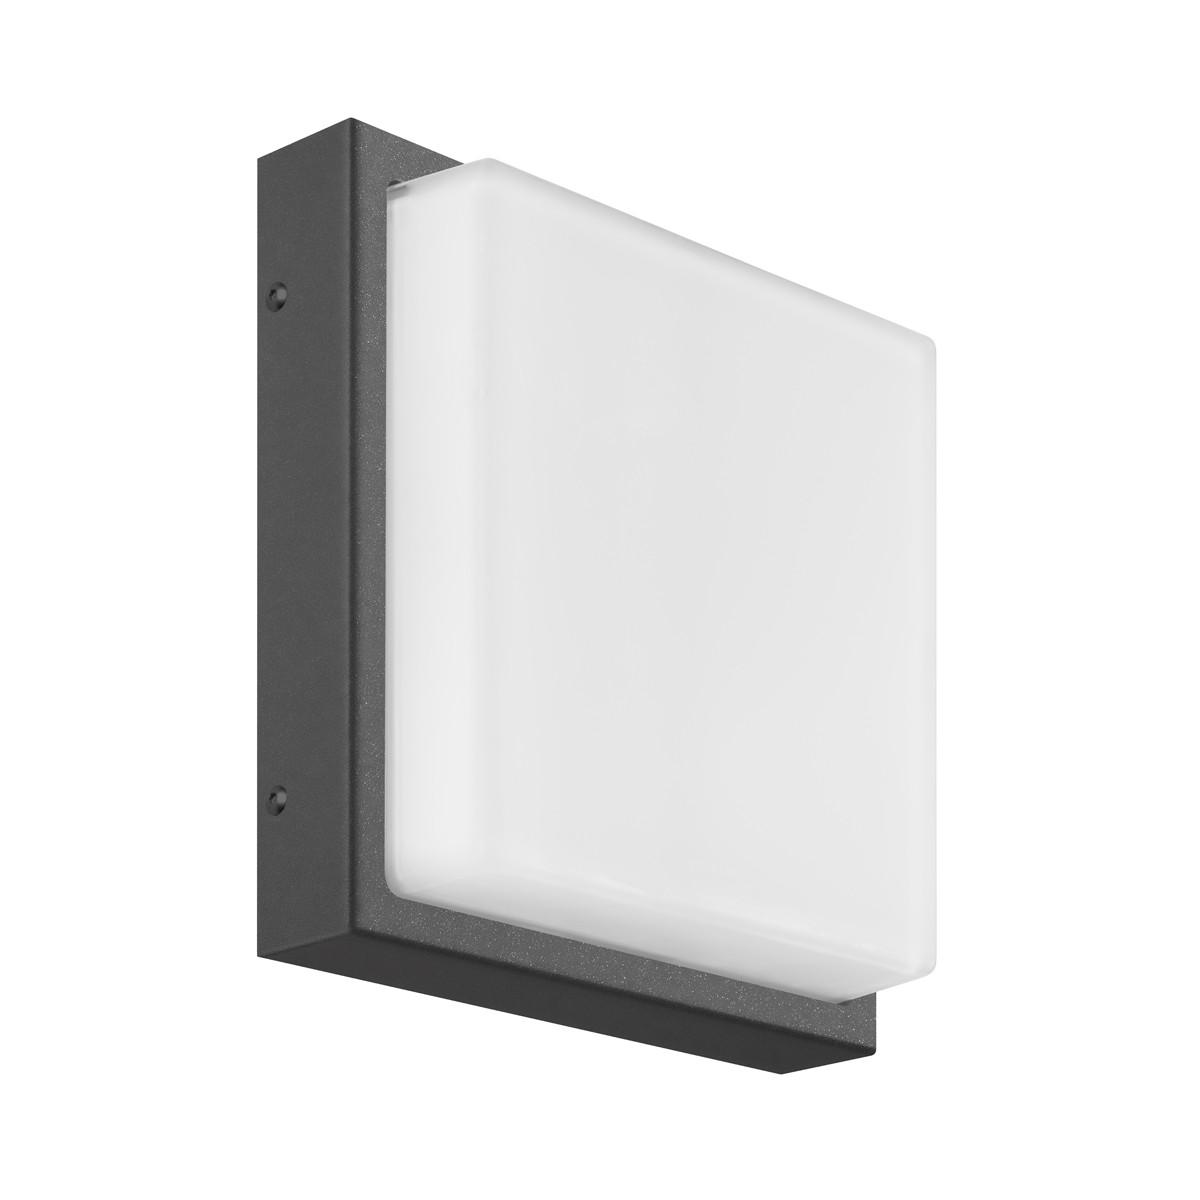 LCD Außenleuchten 045 Wandleuchte LED, graphit, ohne Bewegungsmelder